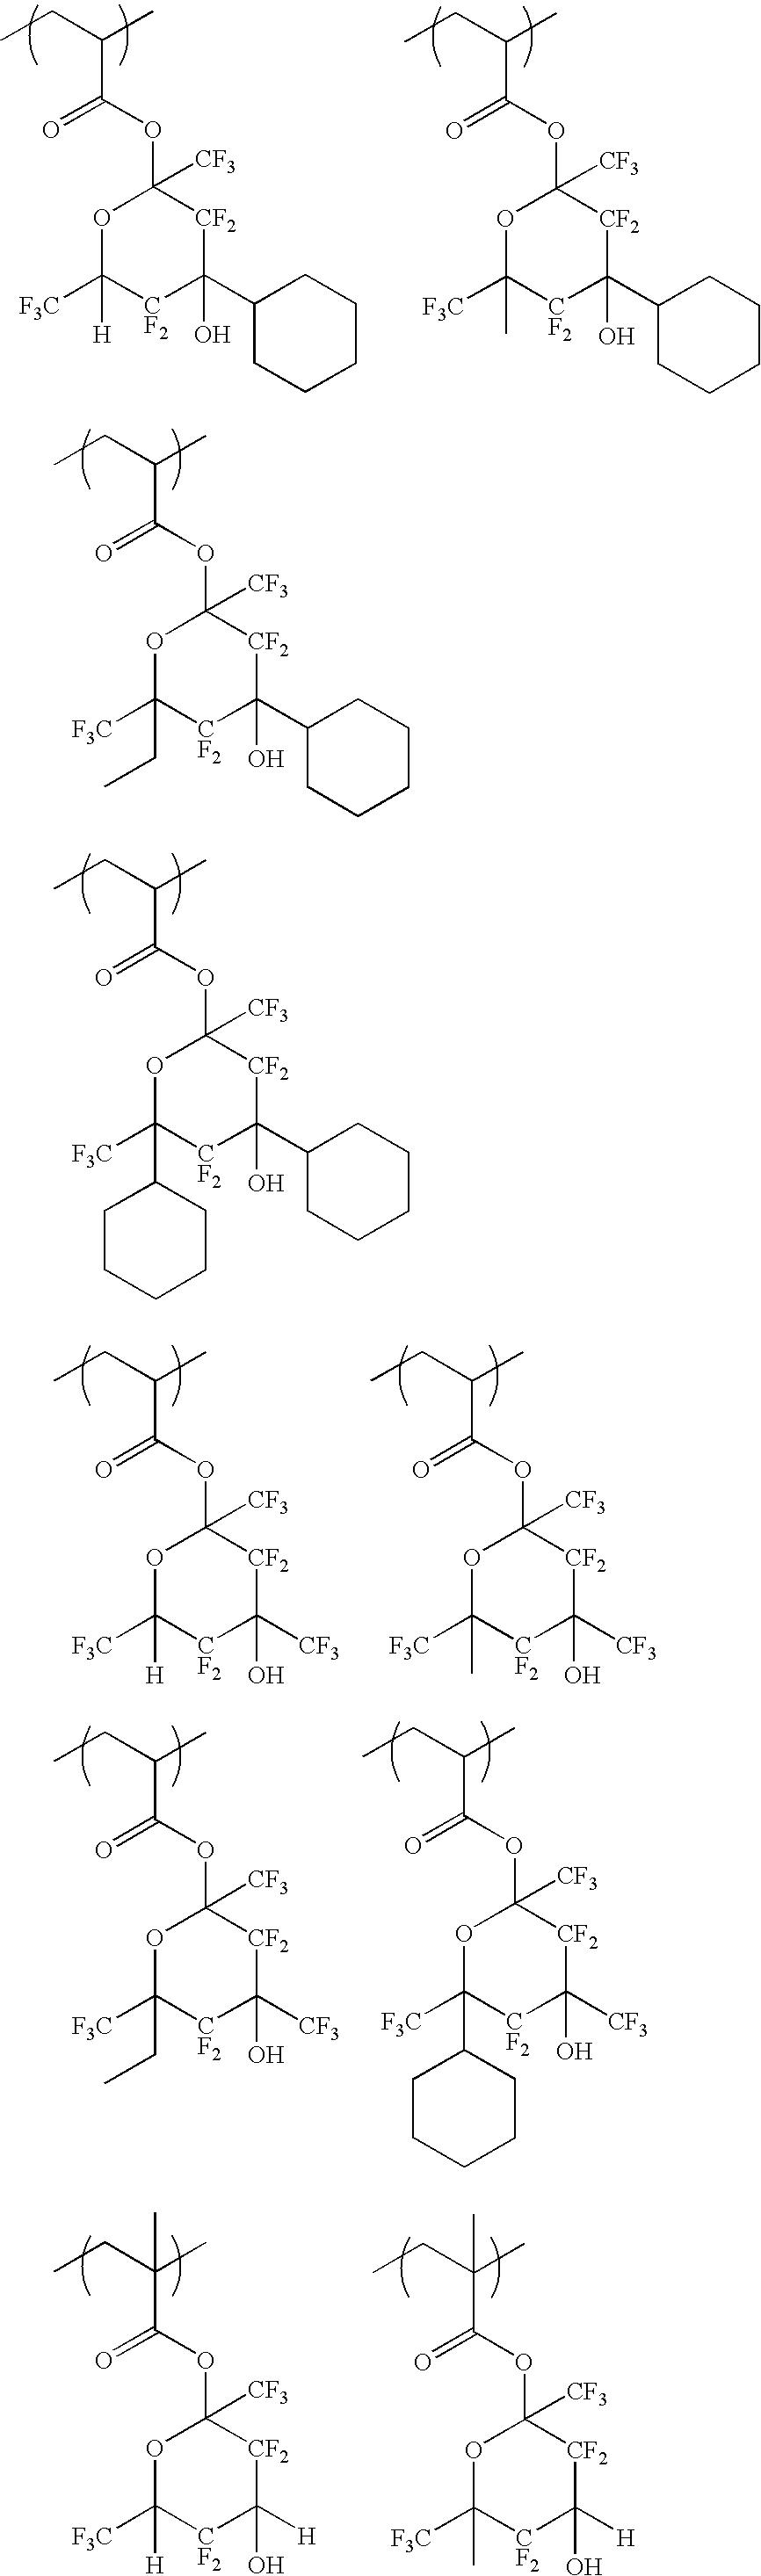 Figure US20060094817A1-20060504-C00034